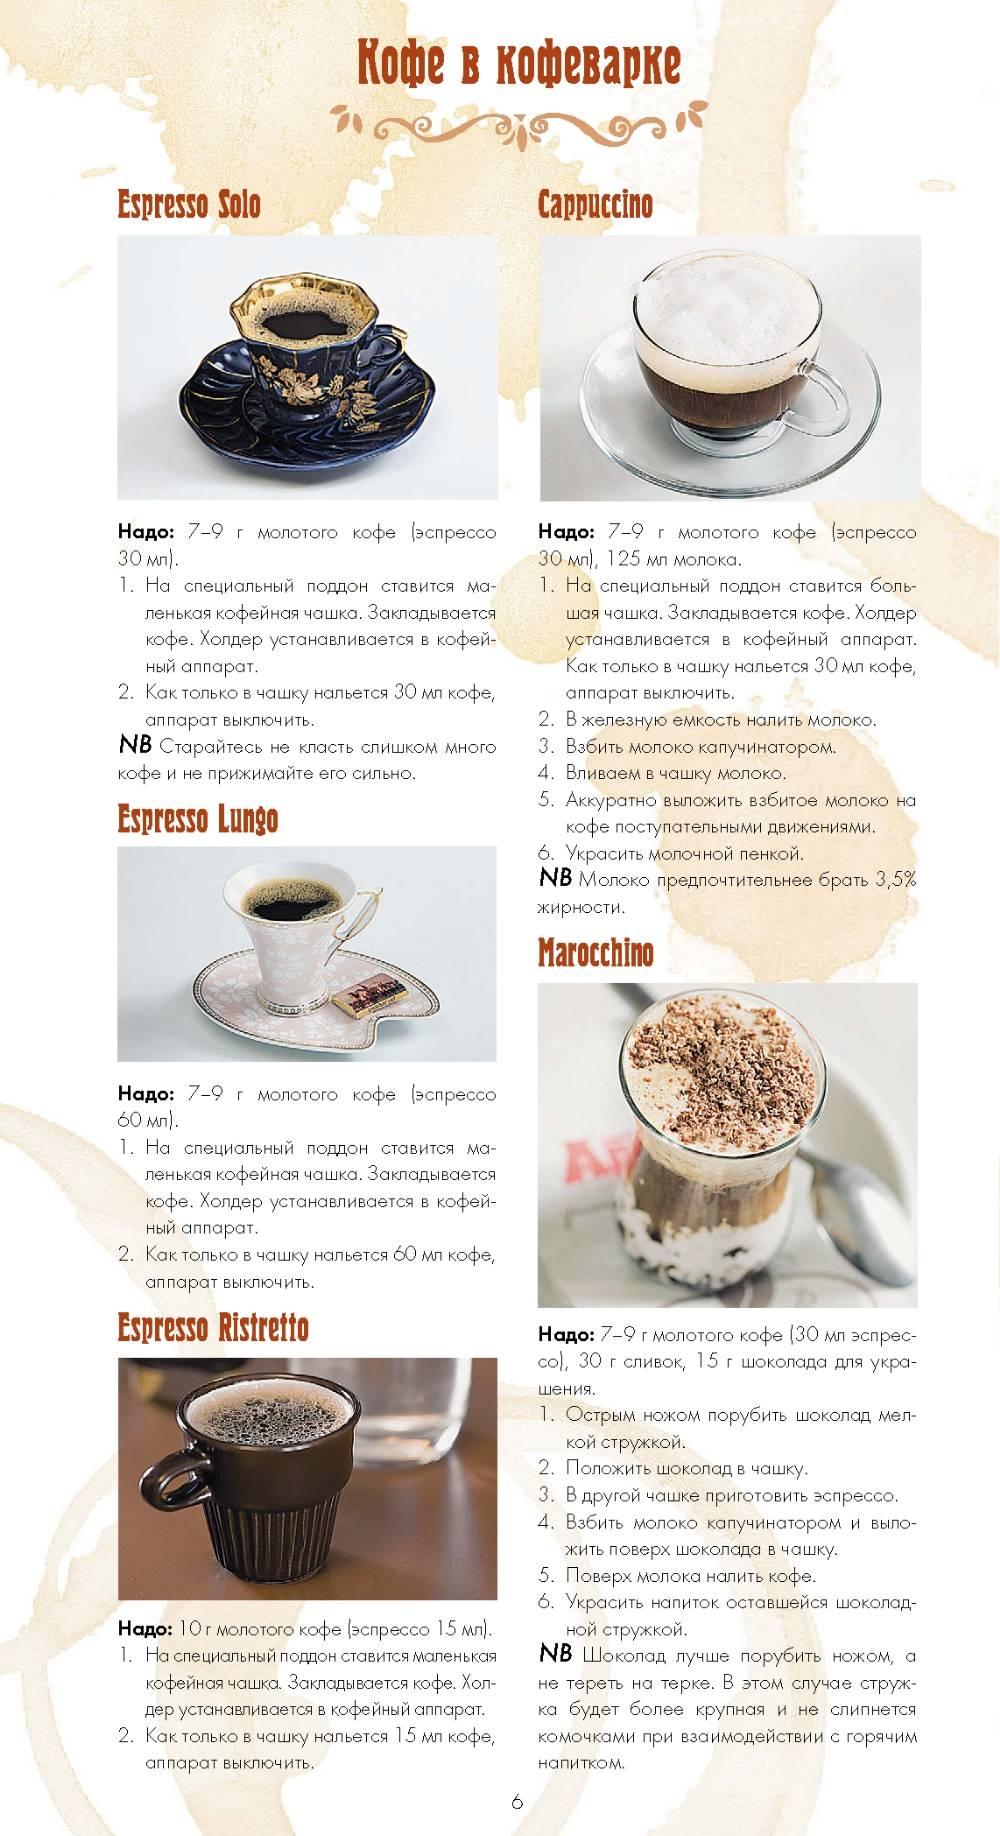 Как варить кофе в турке и кофеварке | сколько варить кофе